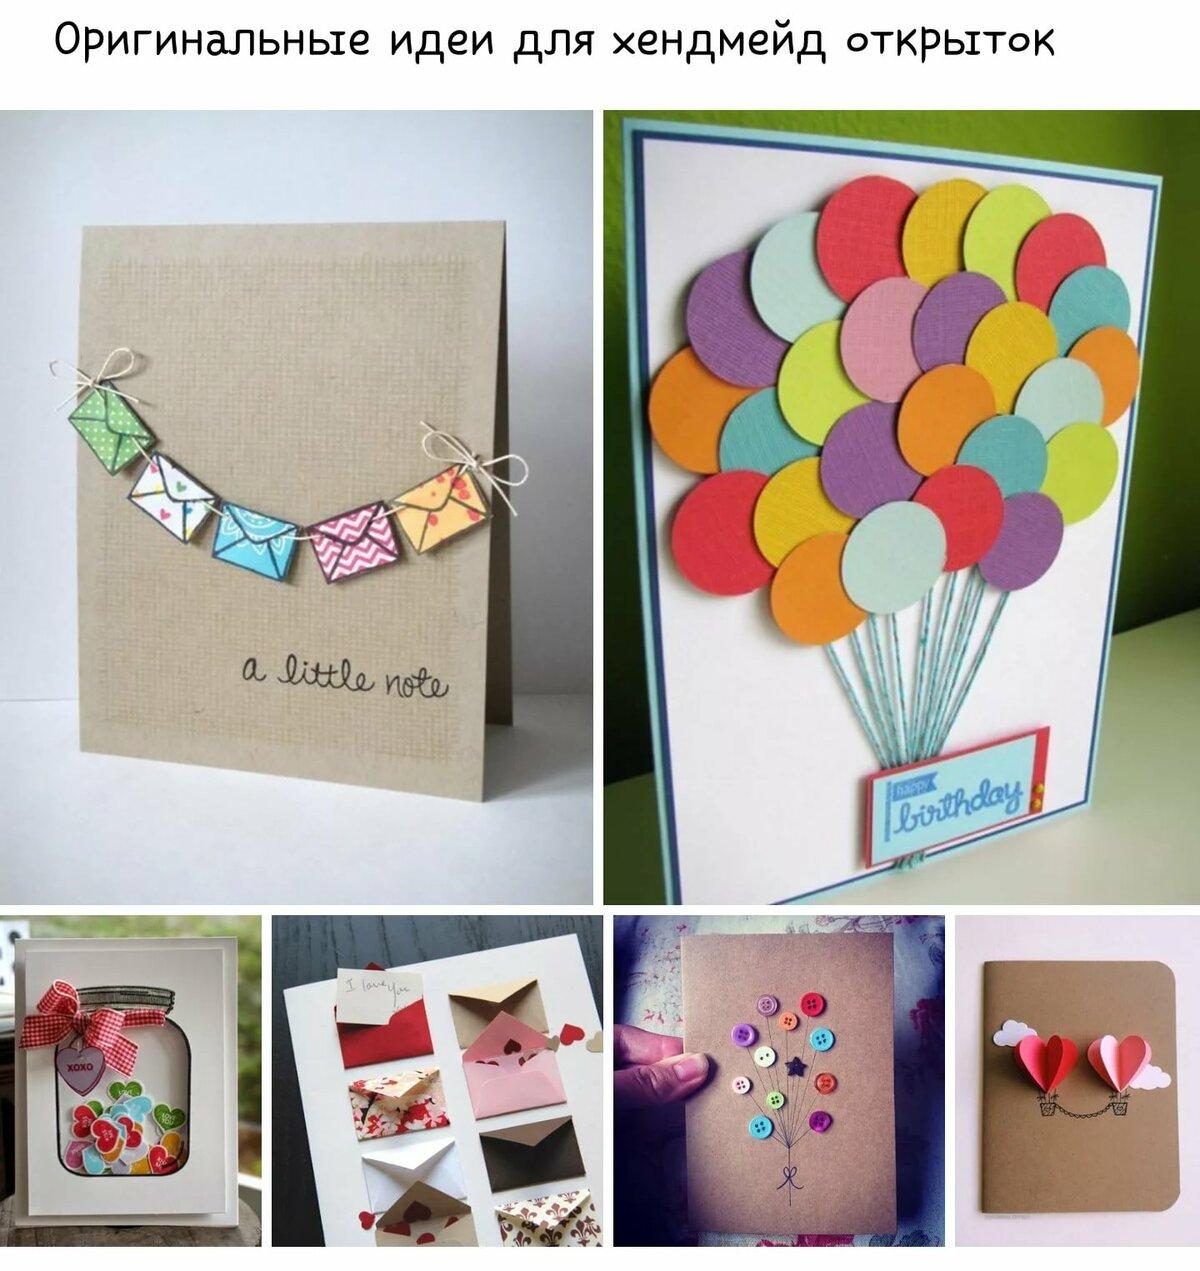 Как сделать открытку на день рождения своими руками просто